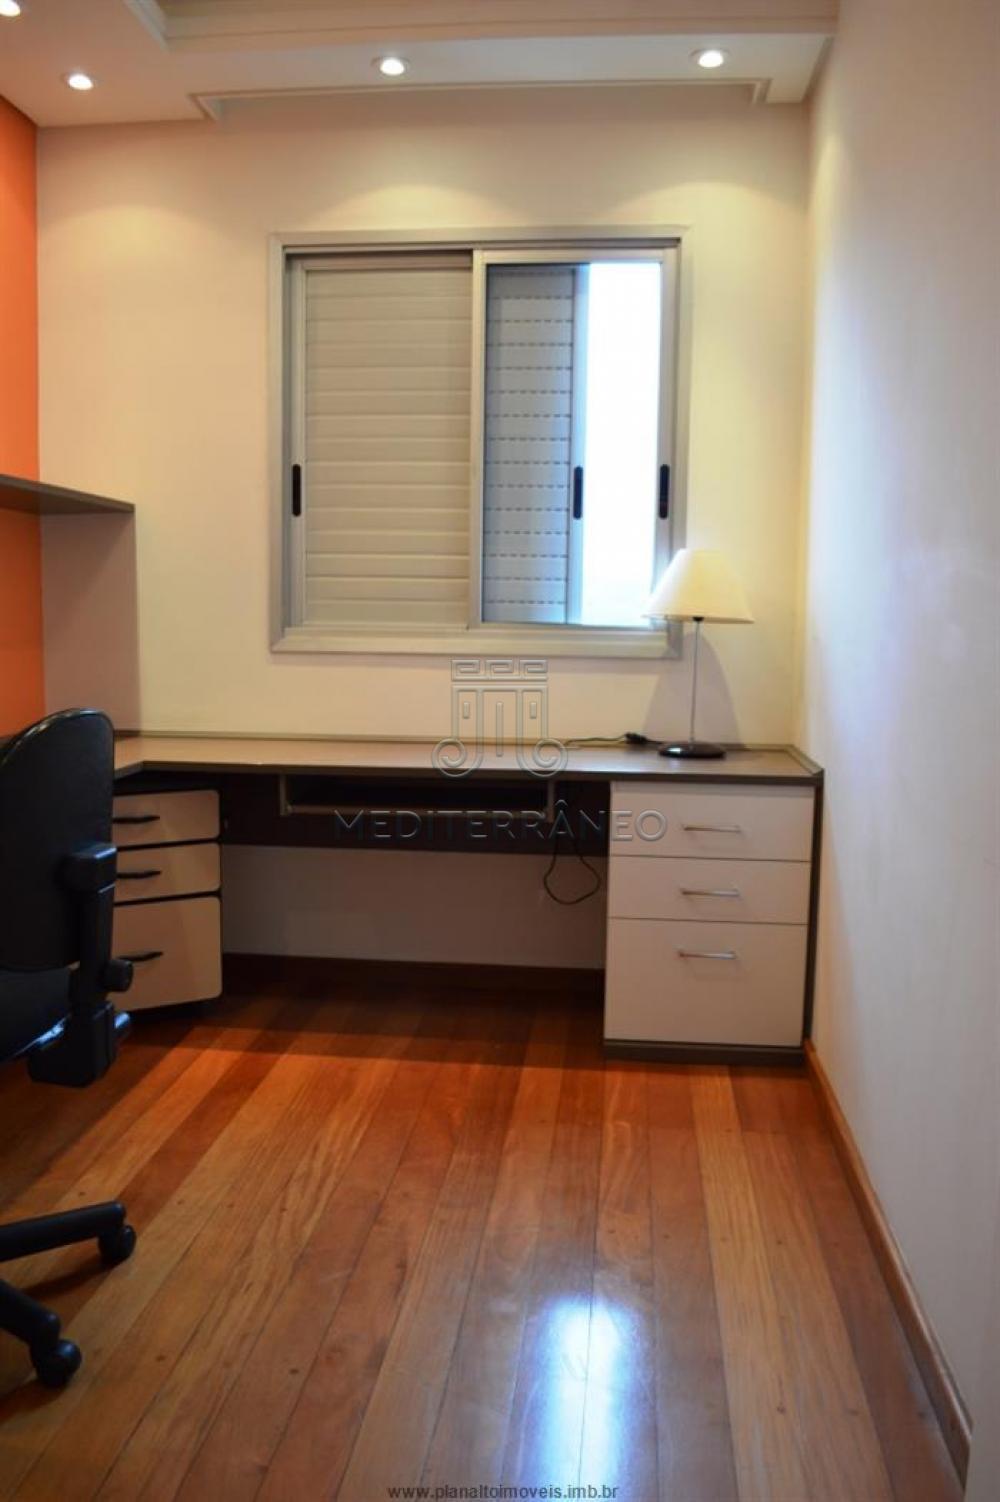 Comprar Apartamento / Padrão em Jundiaí apenas R$ 430.000,00 - Foto 9